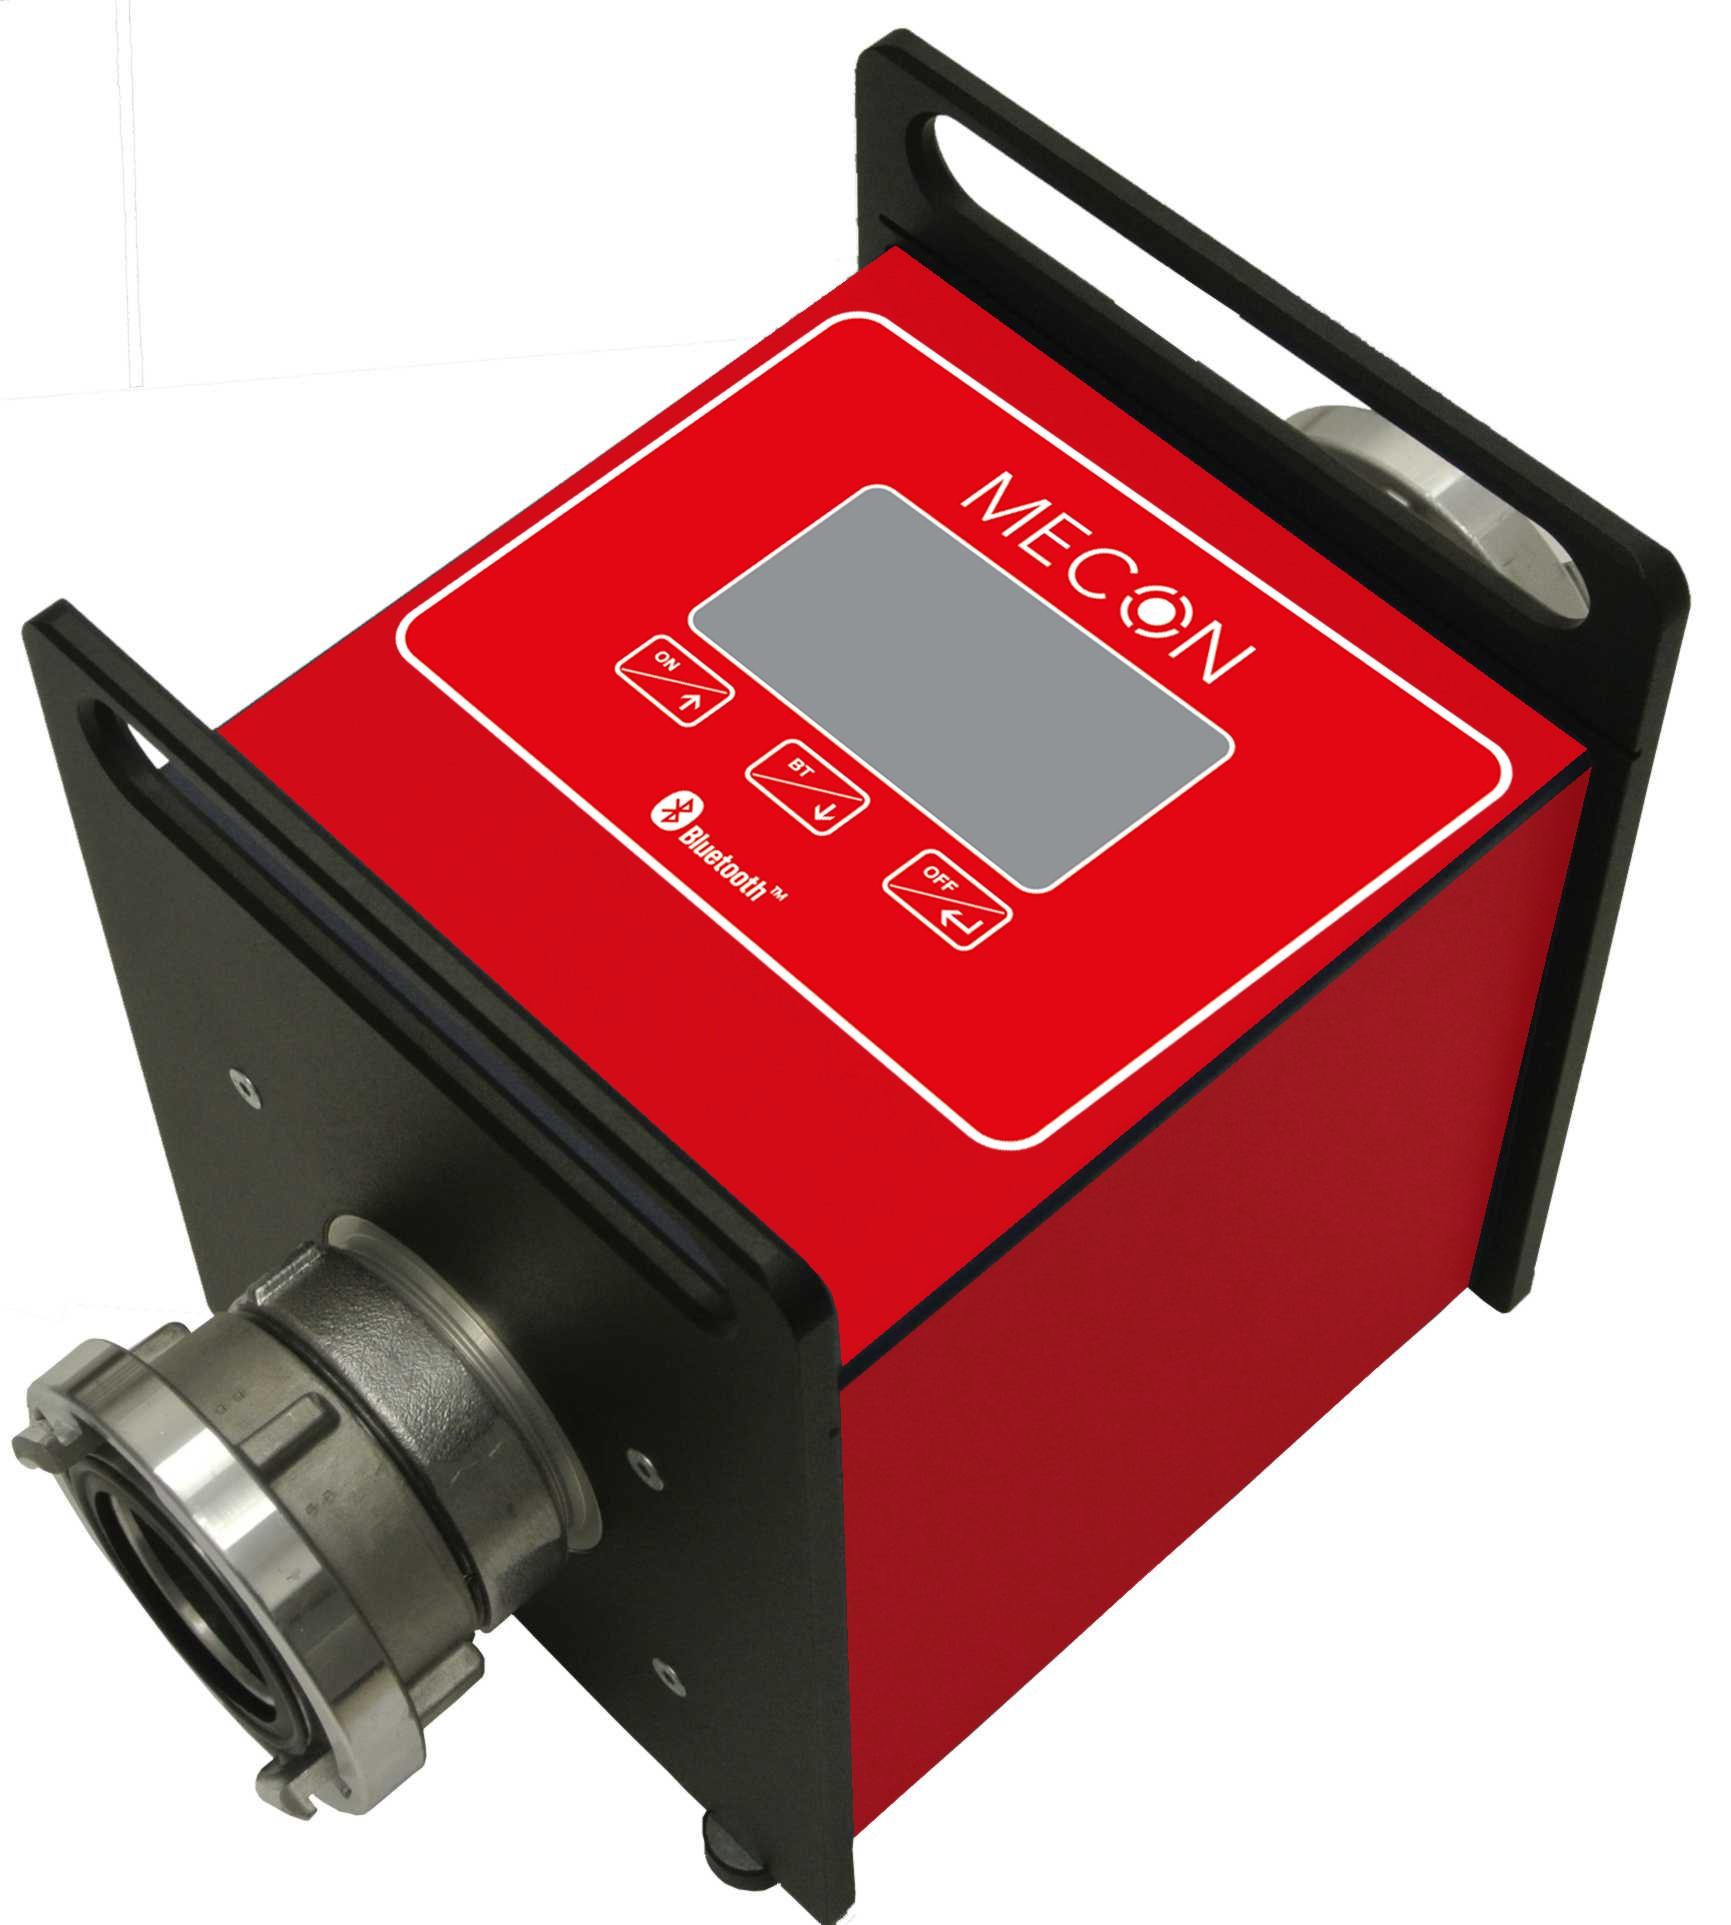 MECON - MAG-FLUX HTL – Portables Hydrantenprüfgerät, Hydrantentester